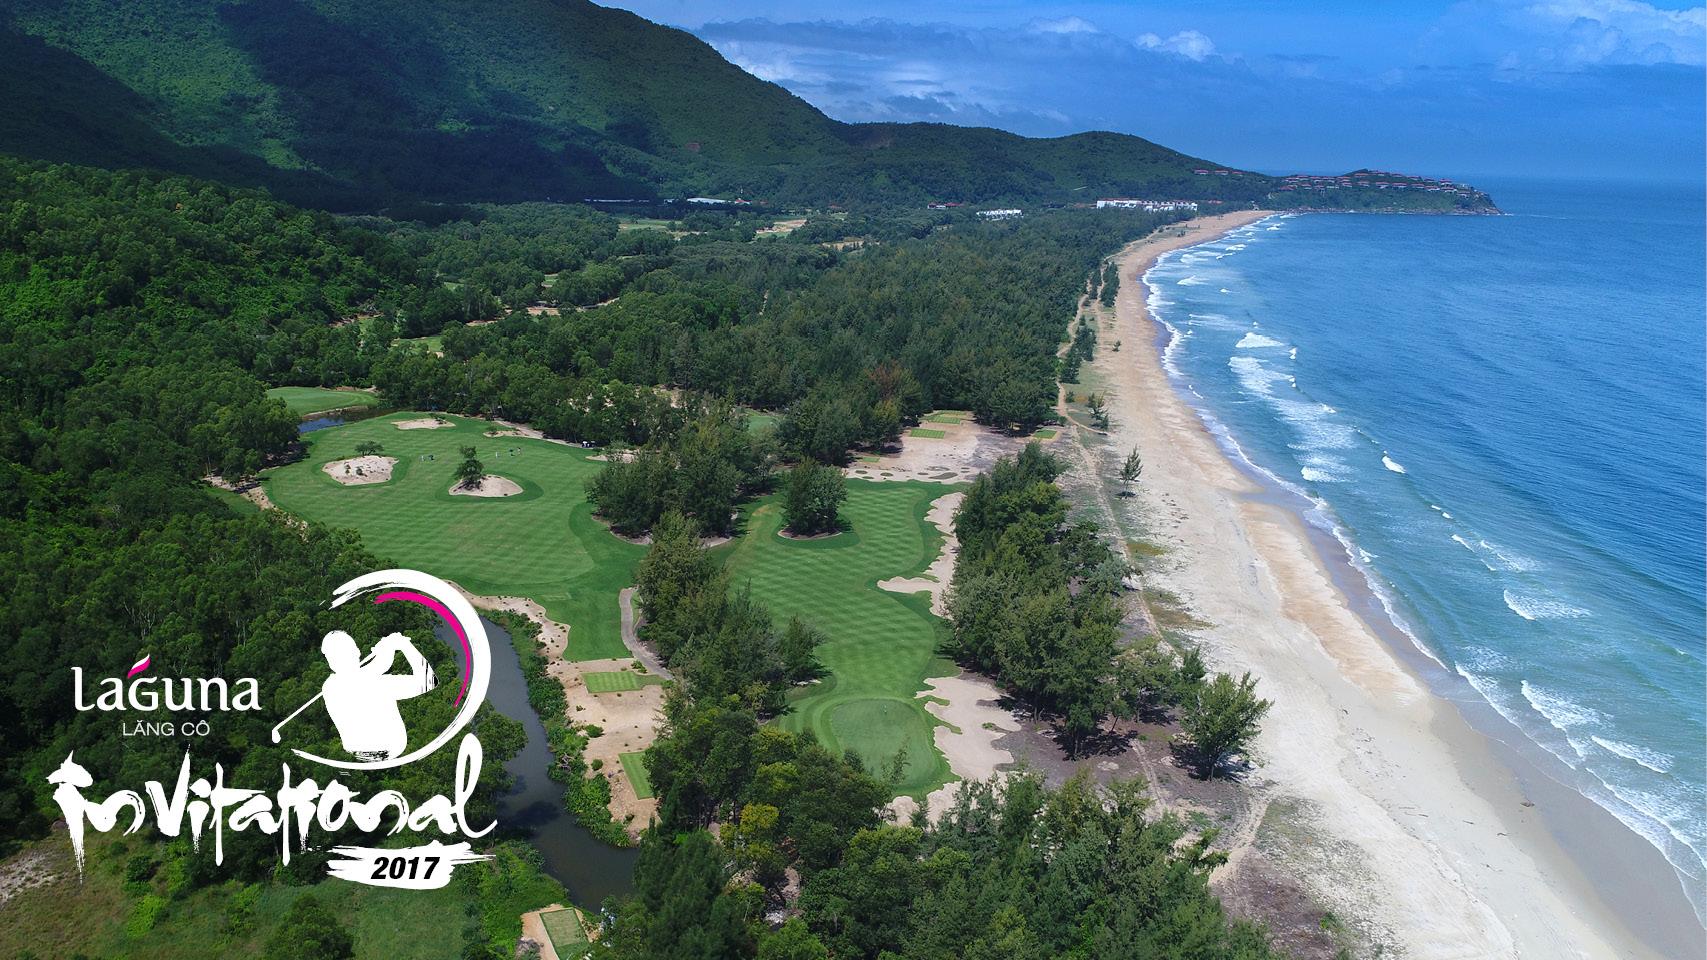 Laguna-Lang-co-Invitational-2017-tournament-photo1